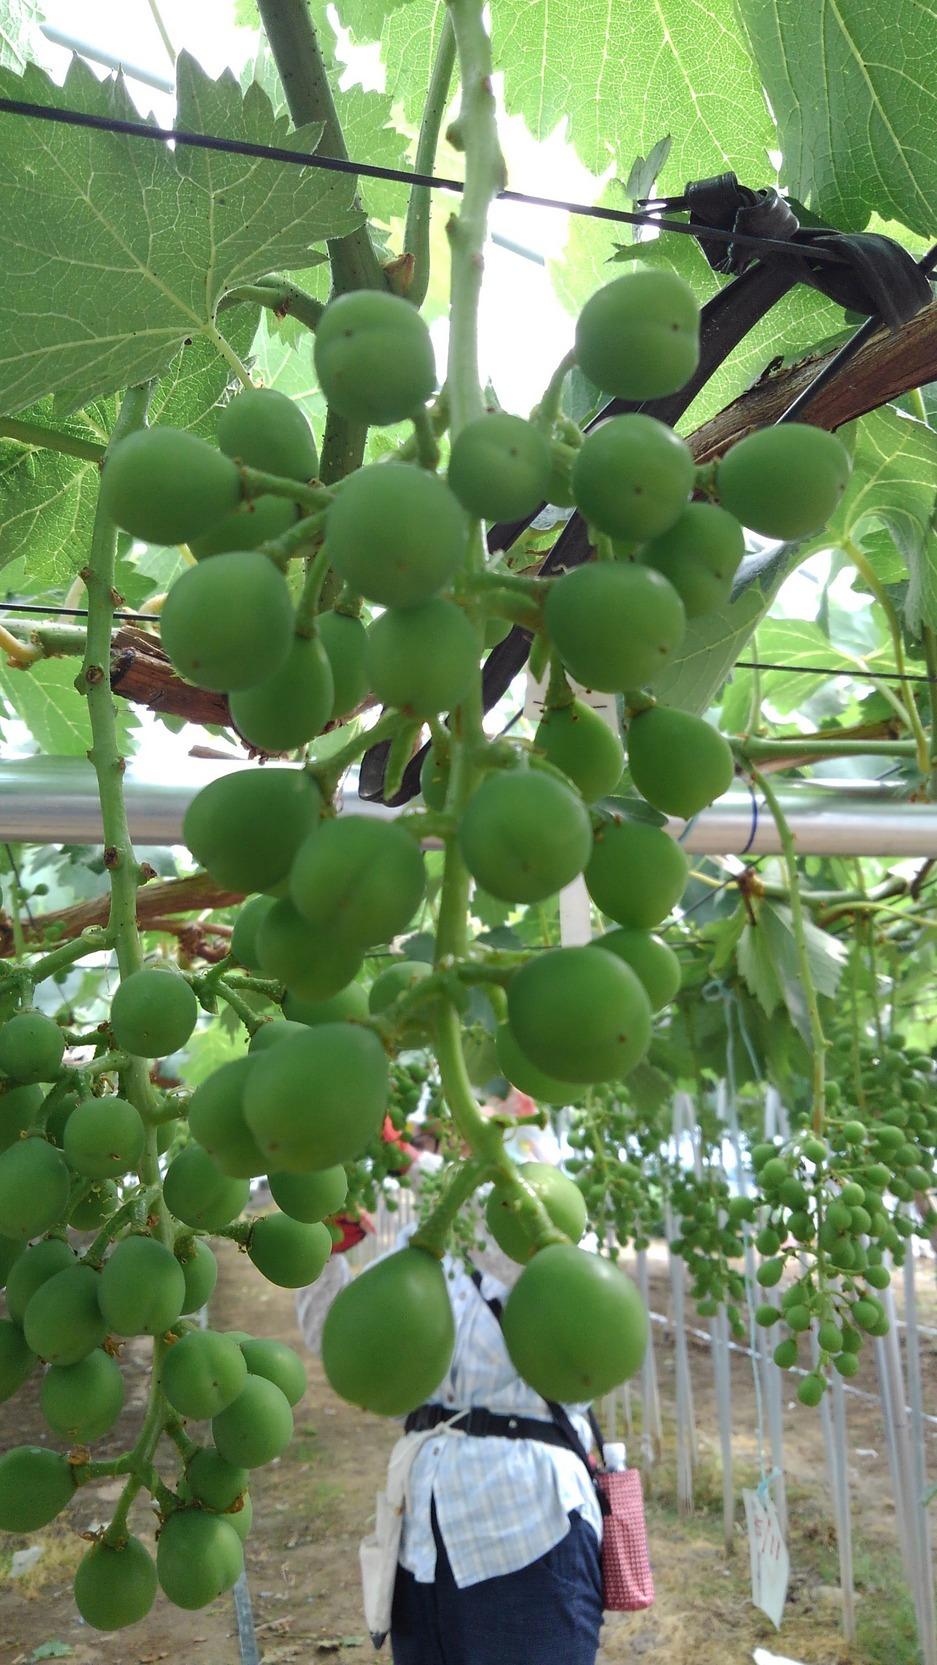 ぶどうの摘粒作業が始まりました。_d0026905_15302422.jpg